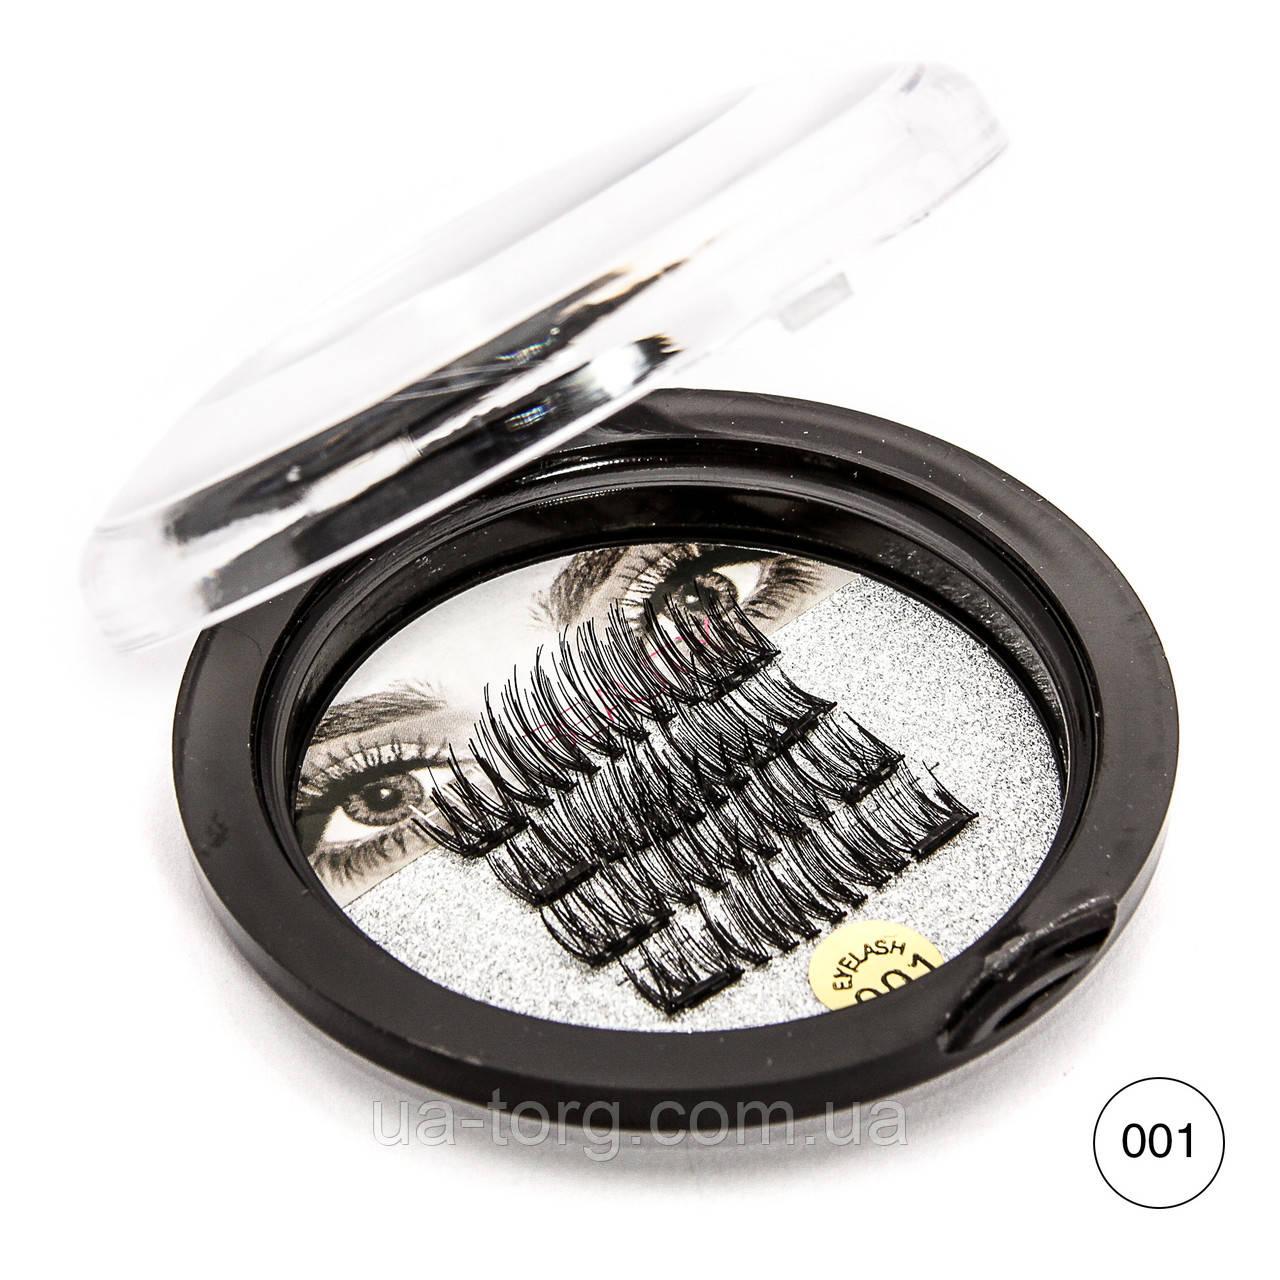 Ресницы на магните  HUDA BEAUTY №001 (на двух магнитах)